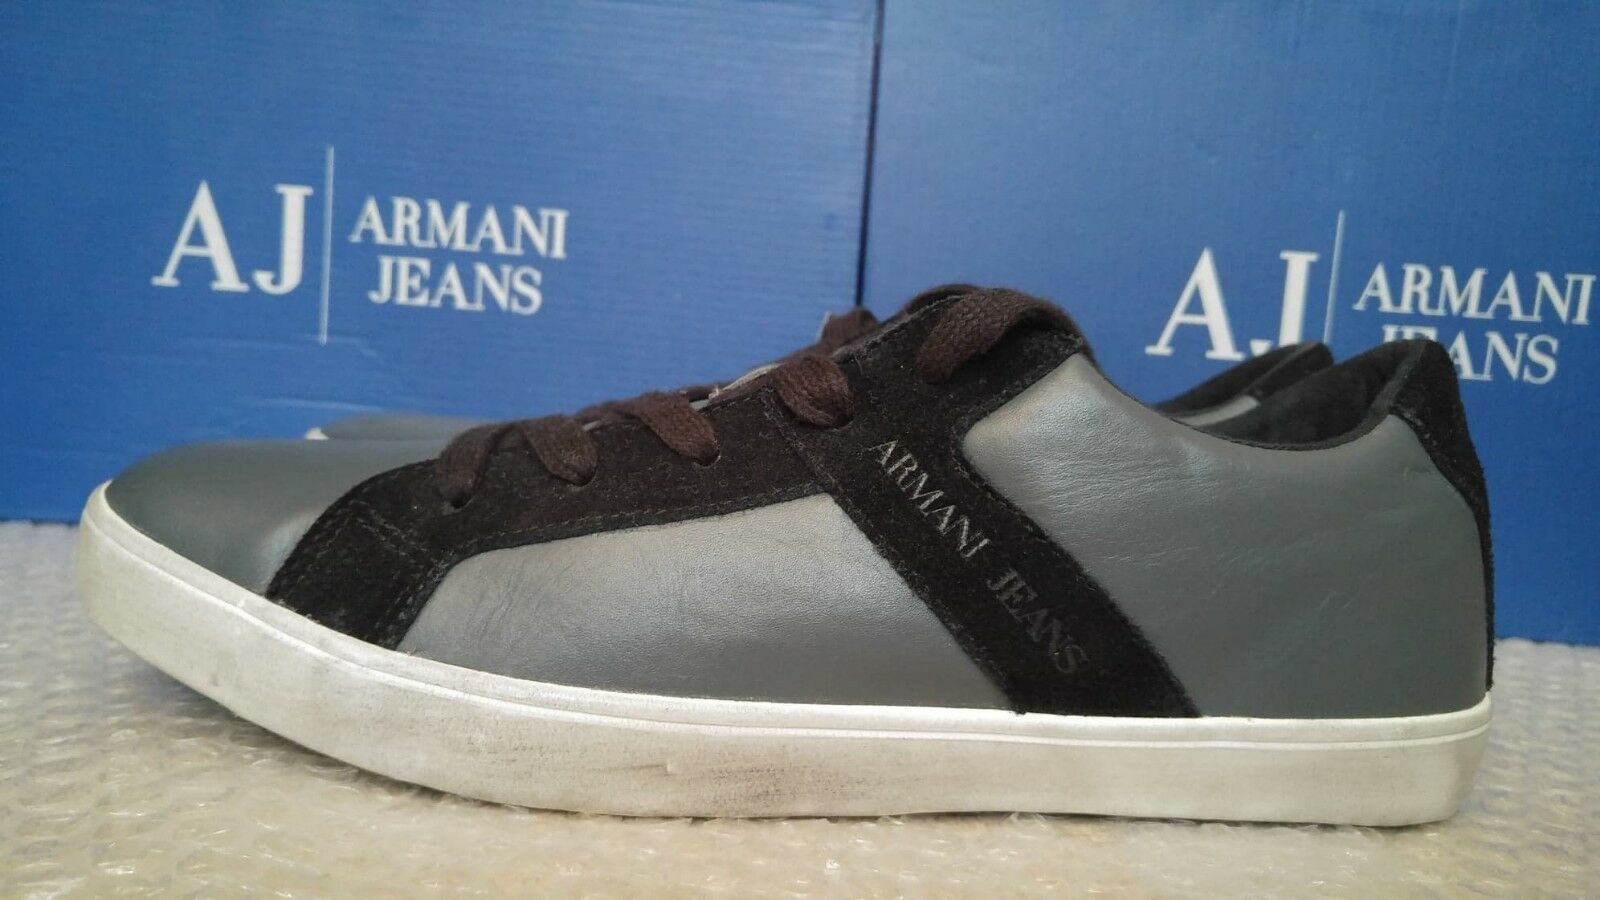 Armani Jeans entrenadores para Hombre Corte Bajo Talla 44 (9.5UK - Aspecto Vintage